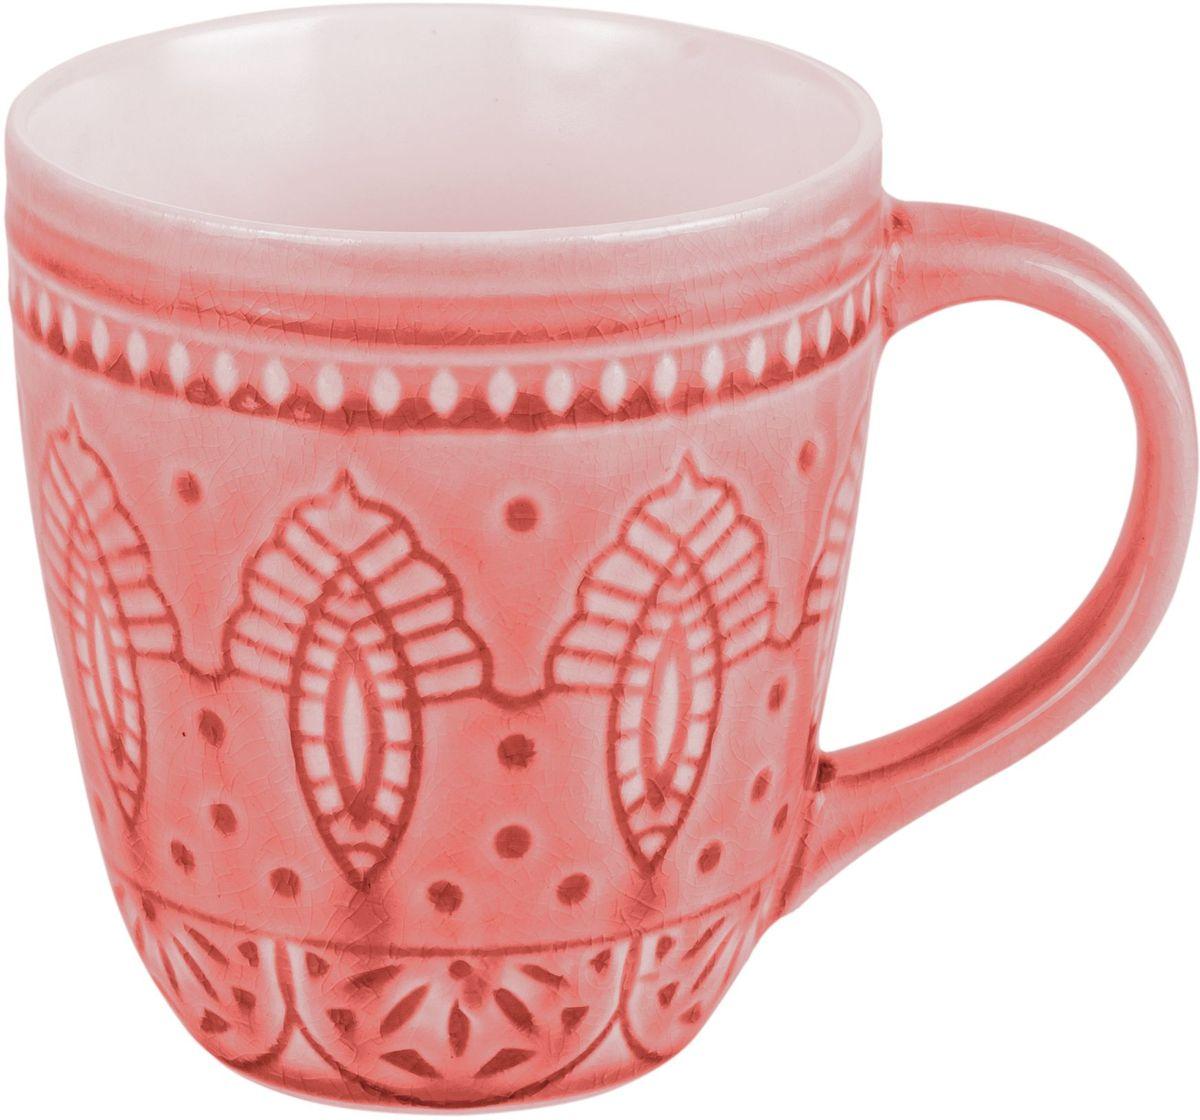 Набор кружек Tongo, цвет: розовый само, 350 мл, 6 штFS-91909Традиционная этническая посуда Индонезии. Декоративная техника придает посуде этнический шарм, с элементами старения, в виде паутинки мелких трещинок на поверхности эмали, что повышает ее привлекательность и ценность среди посудных аналогов.В процессе эксплуатации мелкие трещины так же могут проявляться на внутренних поверхностях кружек и салатников, - что так же является задумкой дизайнеров, заложенной в производственной технологии.